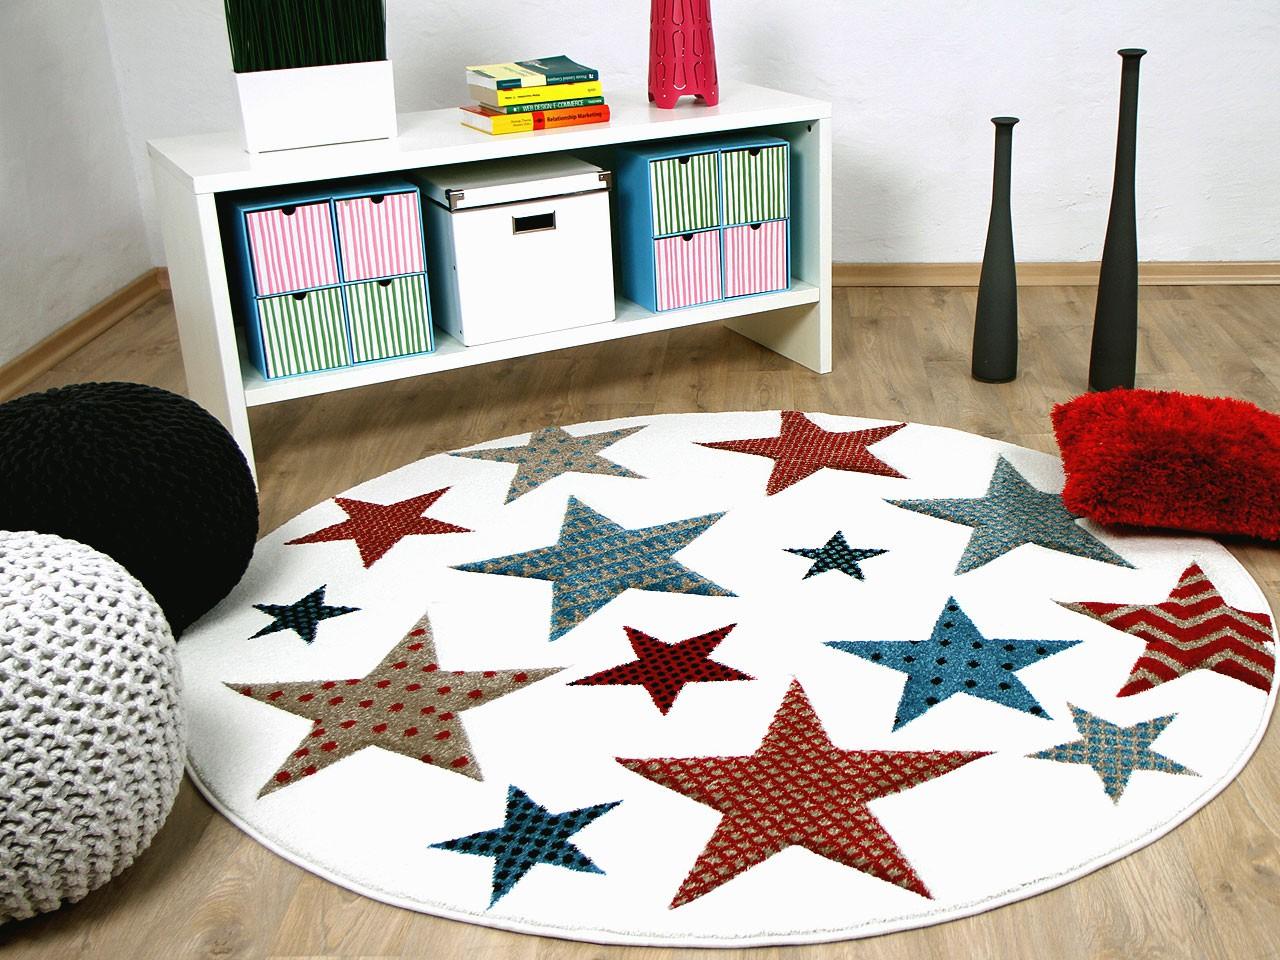 teppich kinder rund, kinder und jugend teppich maui creme sterne bunt rund - kaufen bei, Design ideen